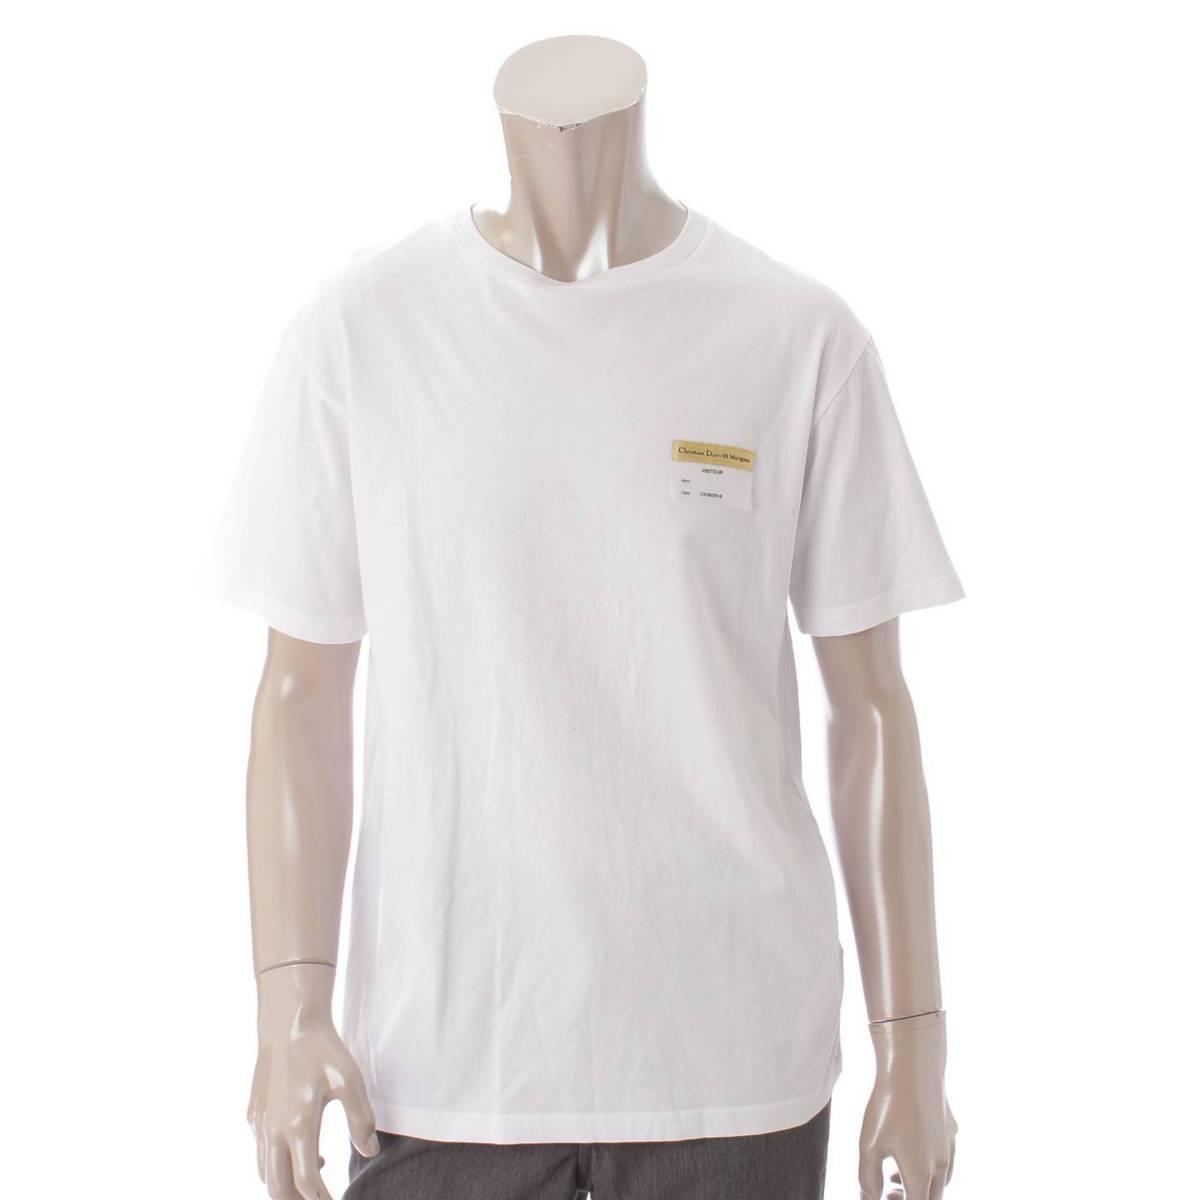 【クリスチャン ディオール】Christian Dior 19SS メンズ ビジターパッチ クルーネック Tシャツ ホワイト XS 【中古】【鑑定済・正規品保証】88774